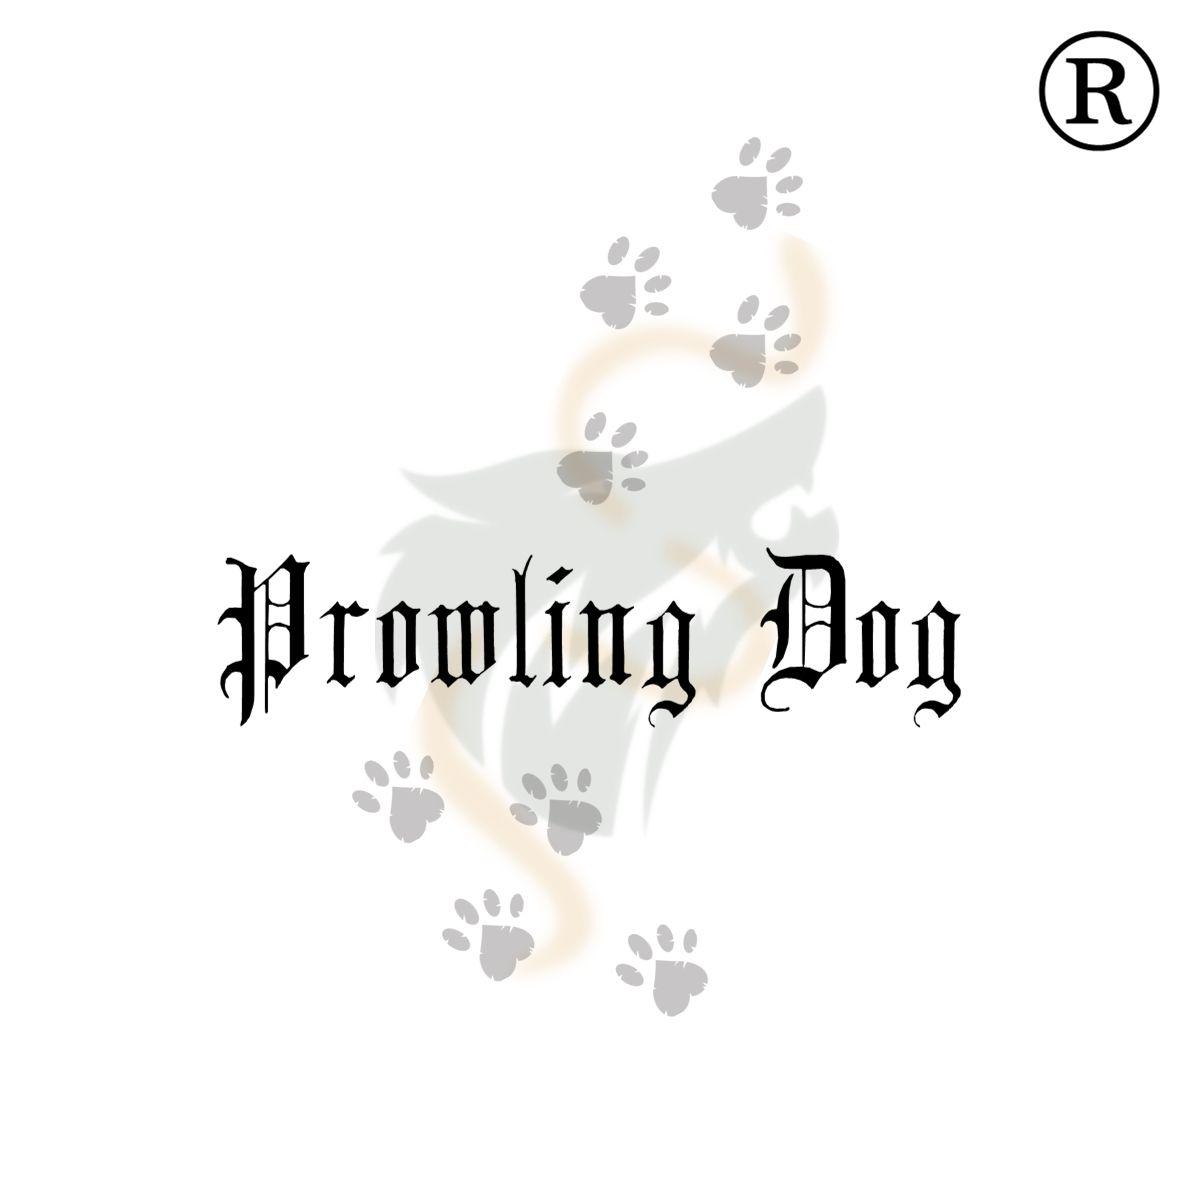 prowlingdog